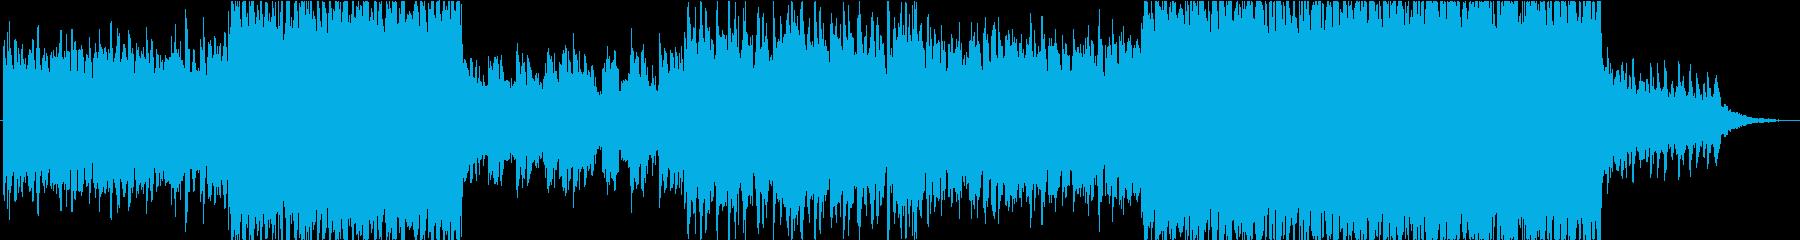 切ない系Jポップ・R&Bトラックの再生済みの波形